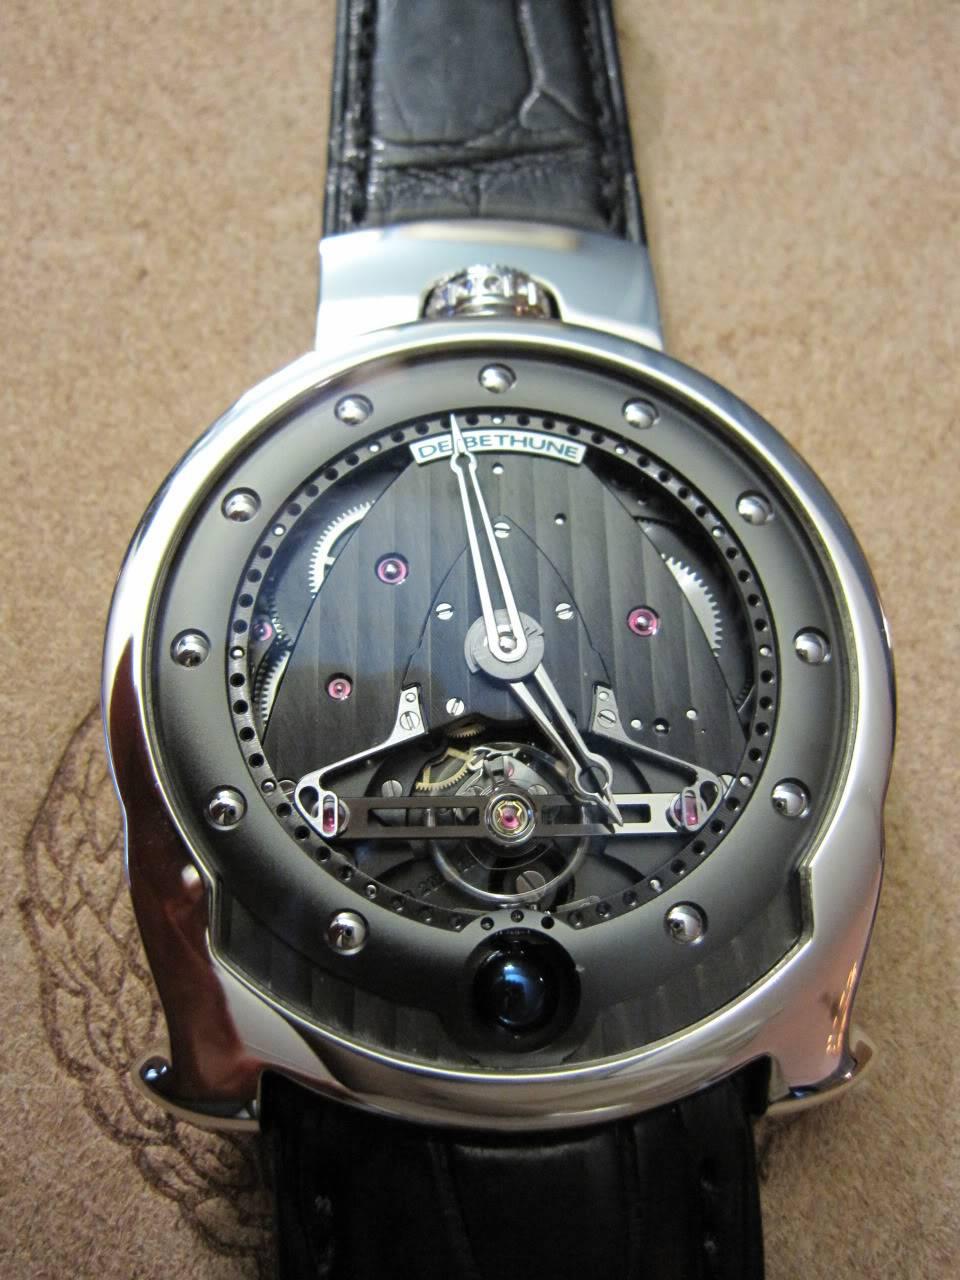 Où l'horlogerie devient art... (De Bethune inside) - Page 2 DB_SIHH2010_026